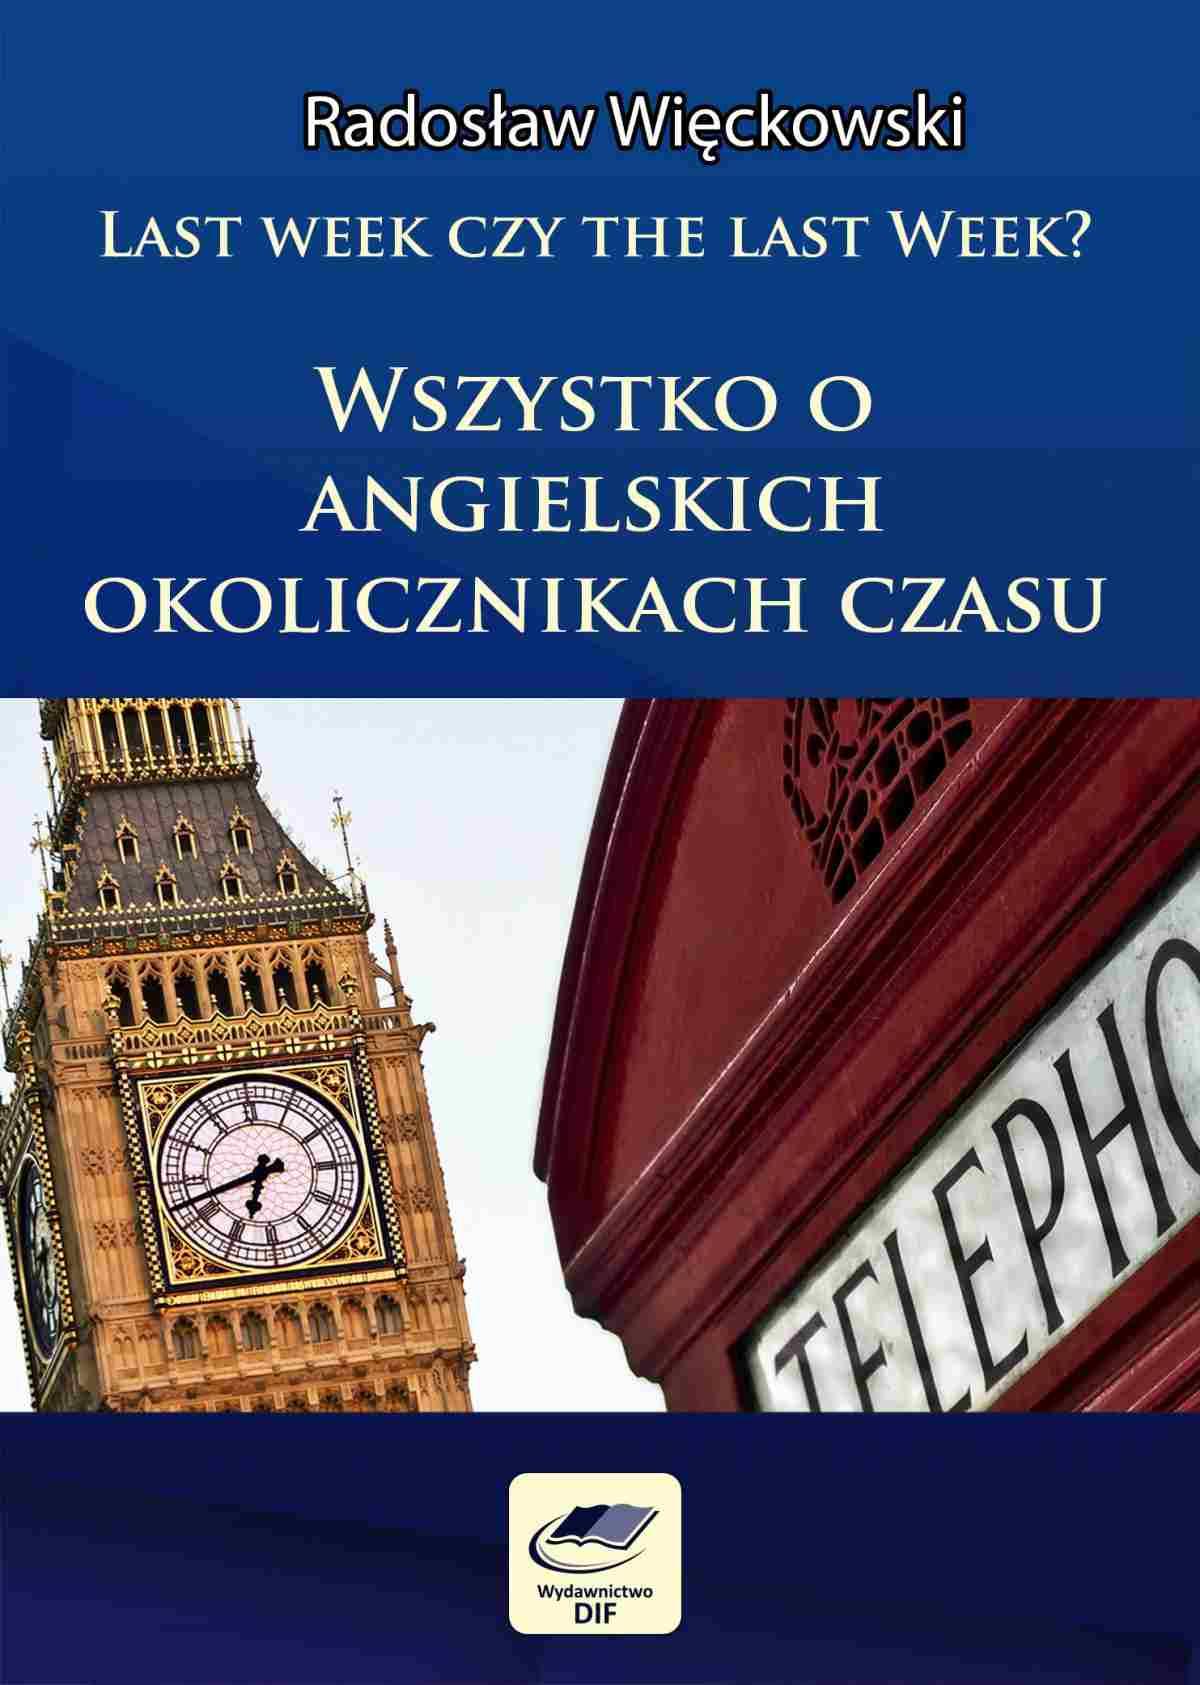 Last week czy the last week. Wszystko o angielskich okolicznikach czasu - Ebook (Książka PDF) do pobrania w formacie PDF